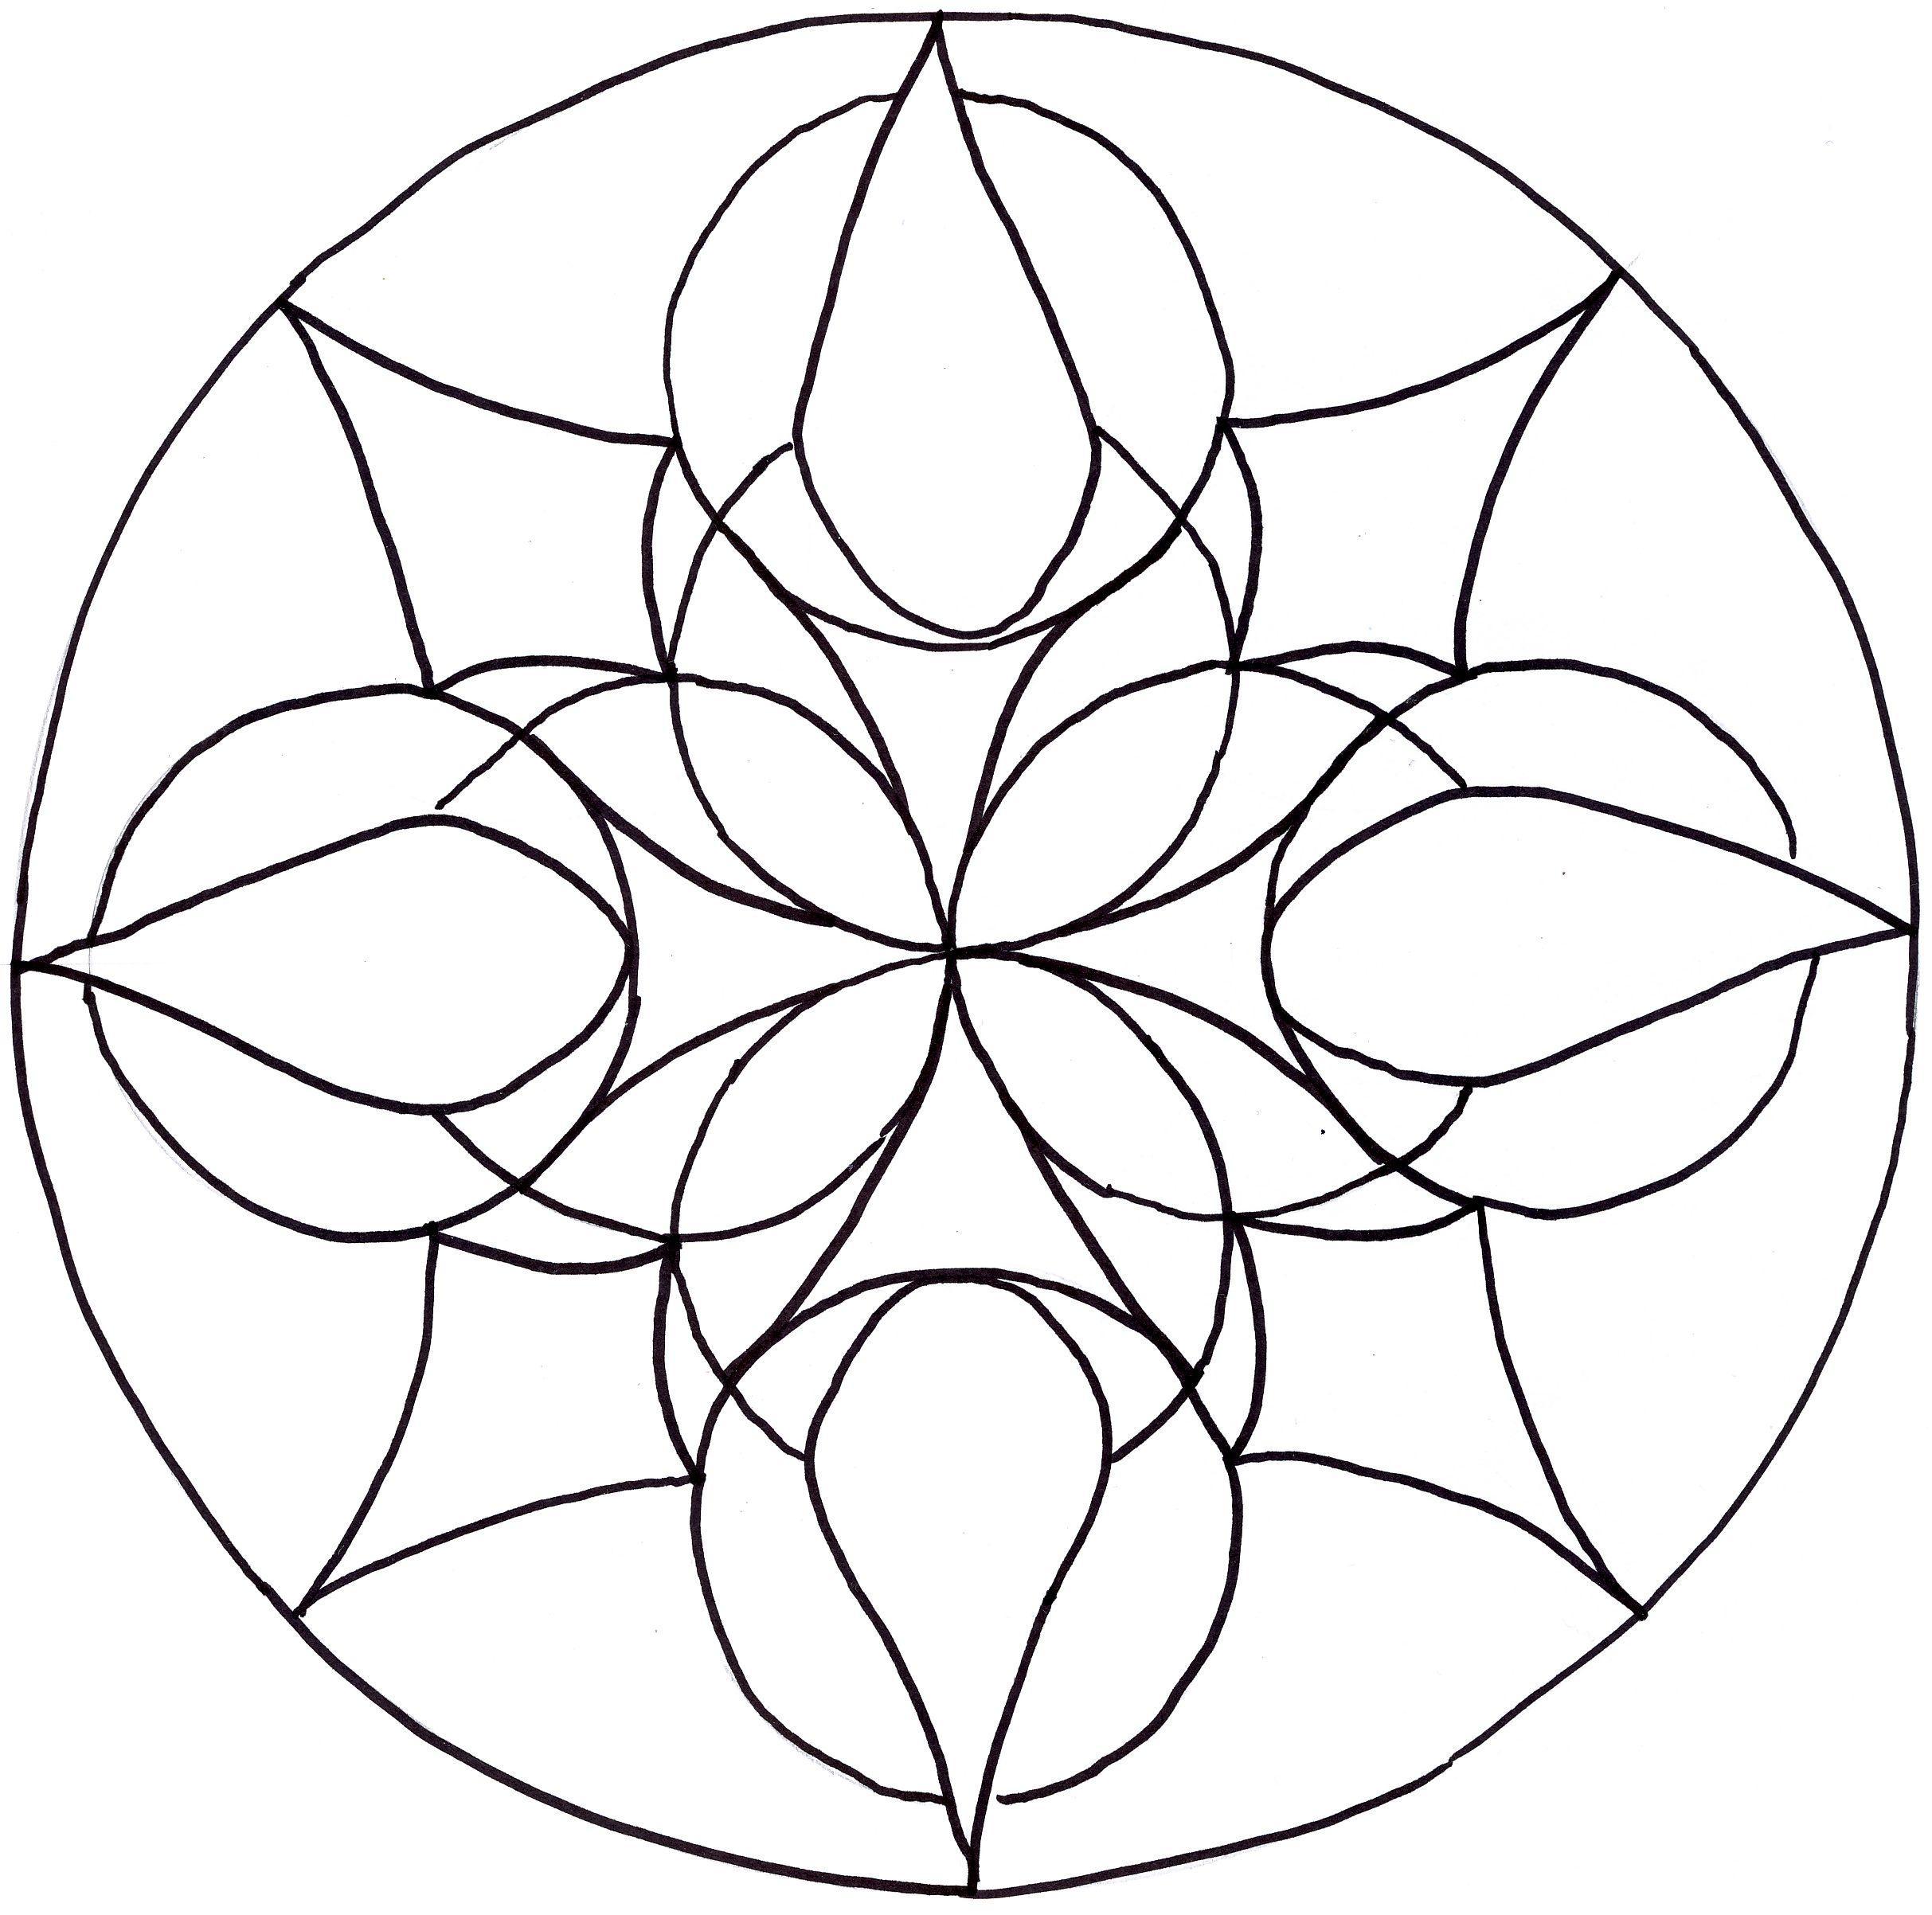 Easy Mandala Drawing At Getdrawings